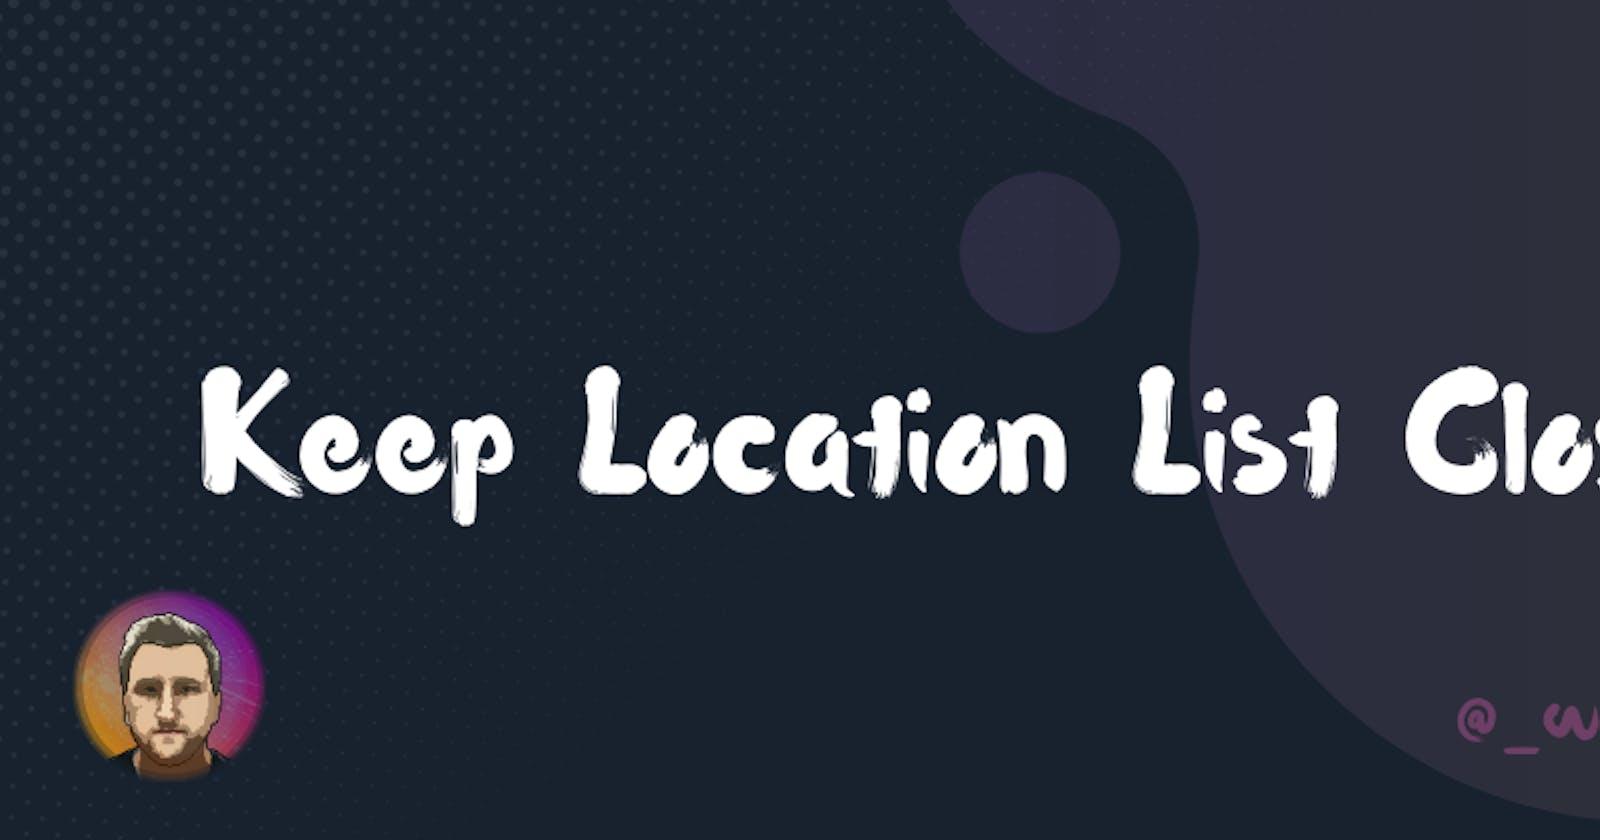 Keep Location List Closed